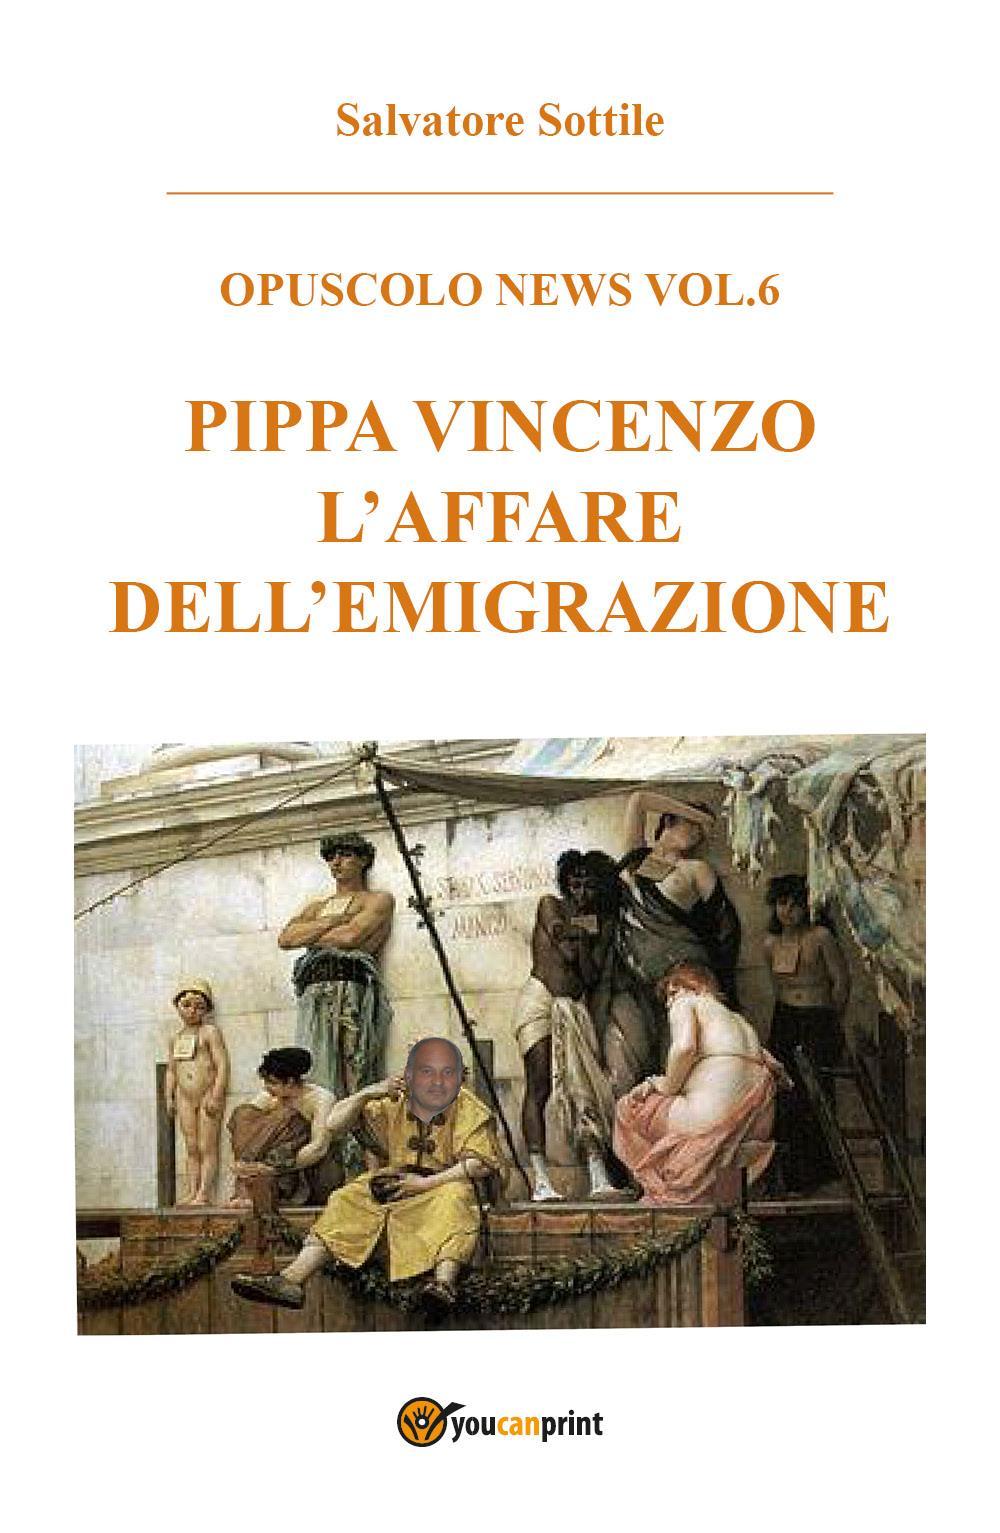 Pippa Vincenzo l'affare dell'emigrazione